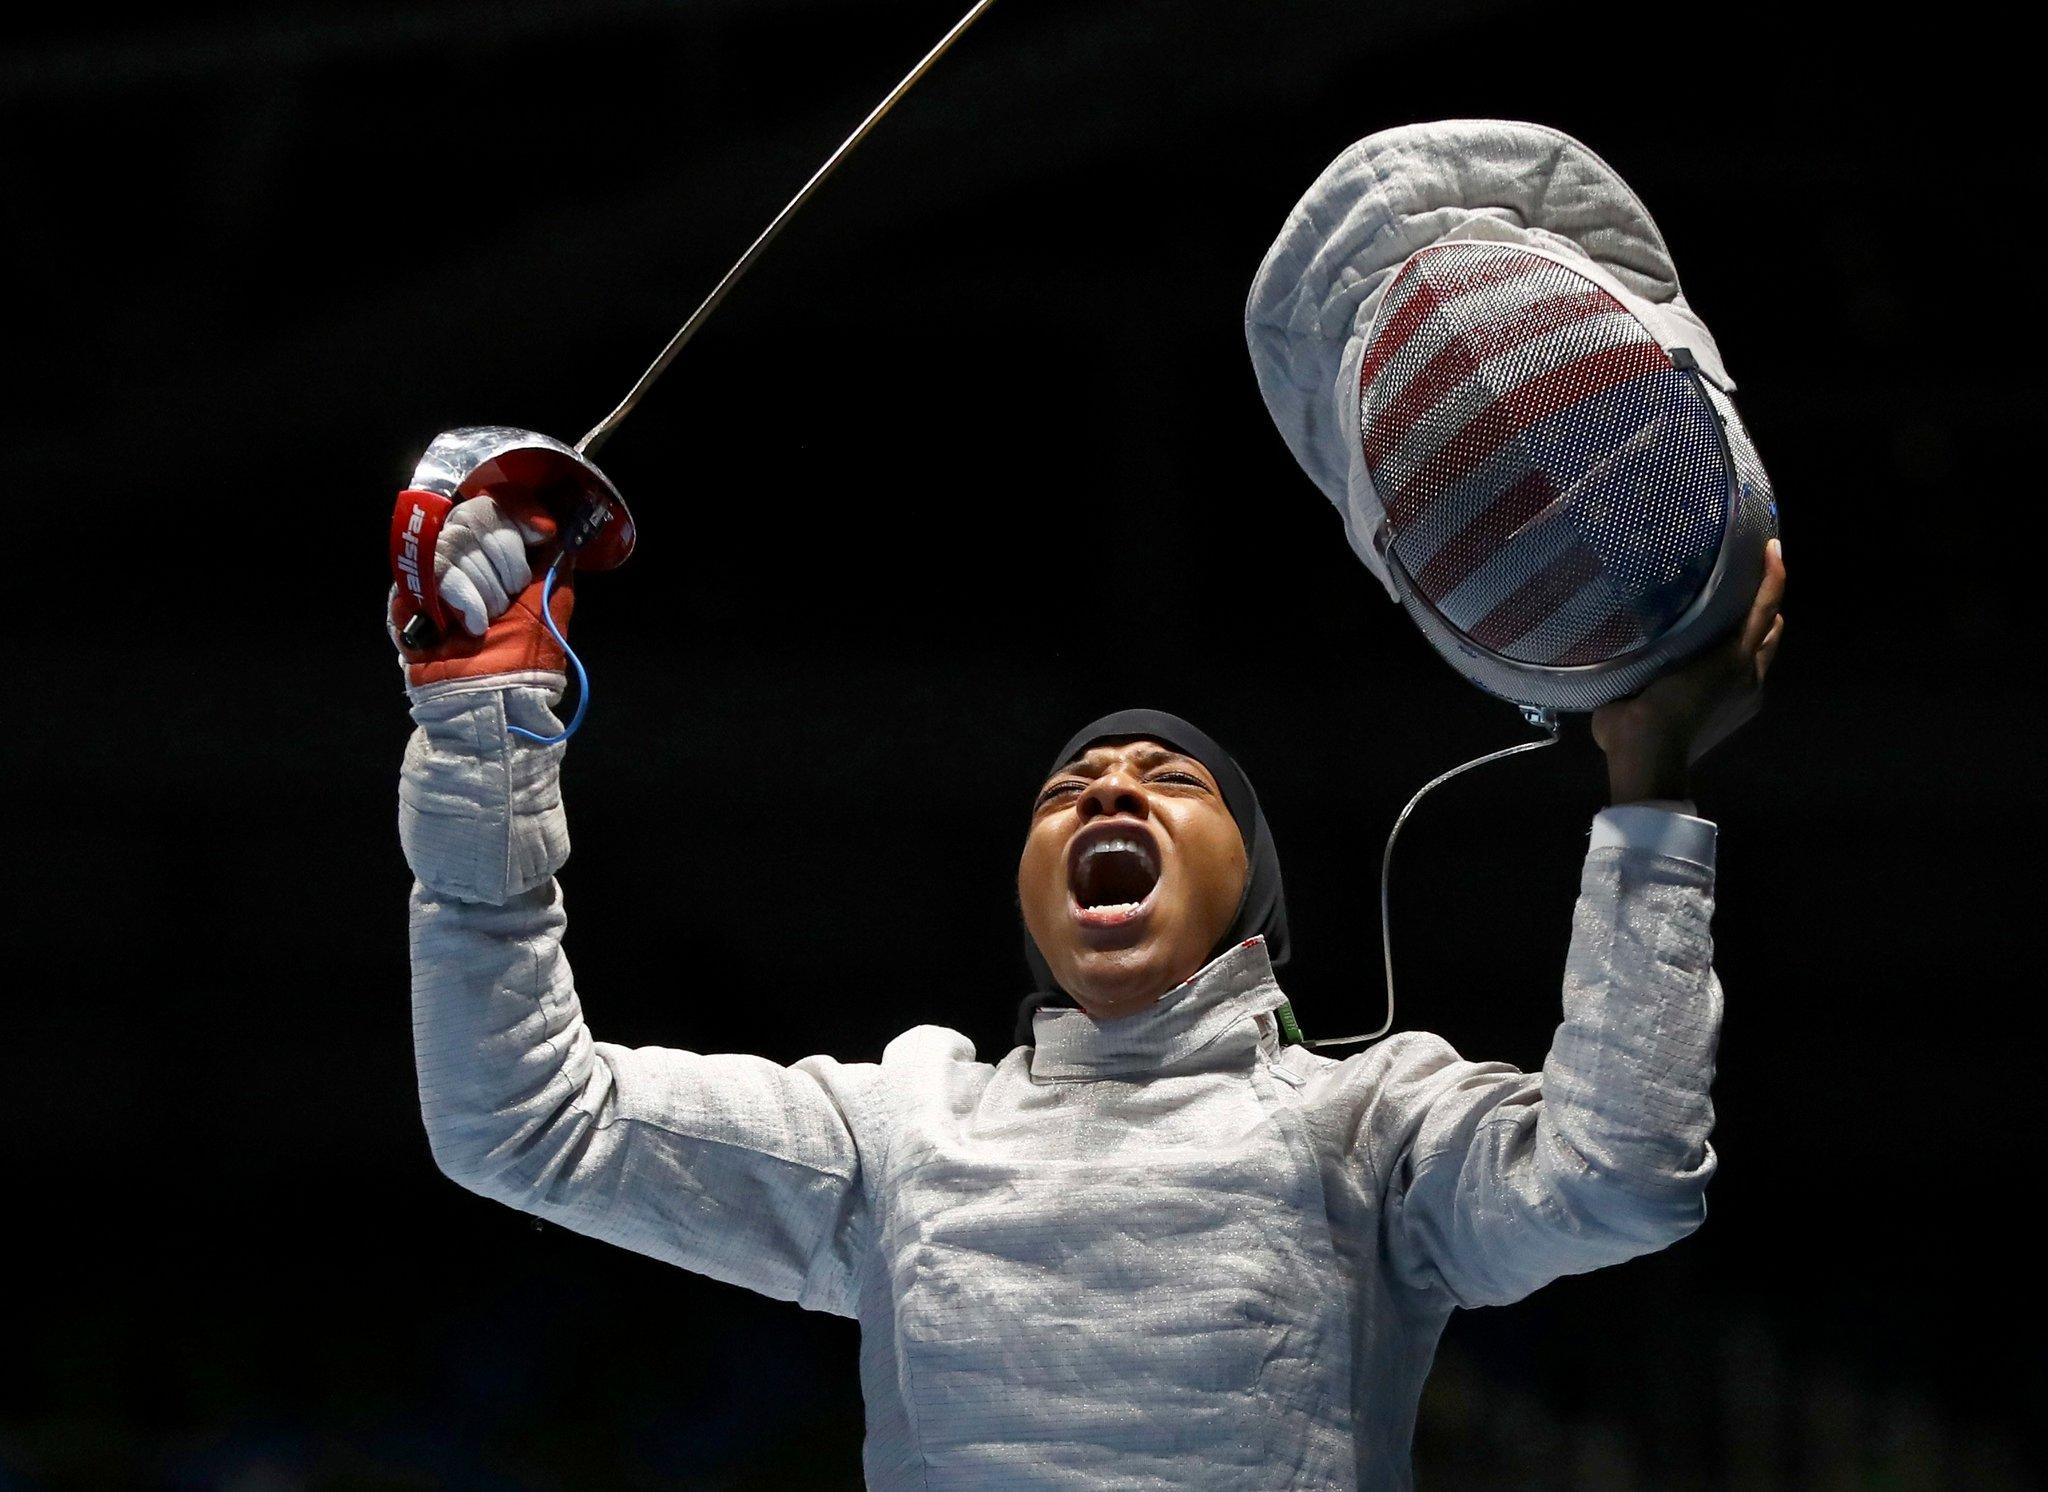 ۵ چهره ویژه المپیک توکیو از ابتهاج محمد تا یک شناگر پناهنده سوری